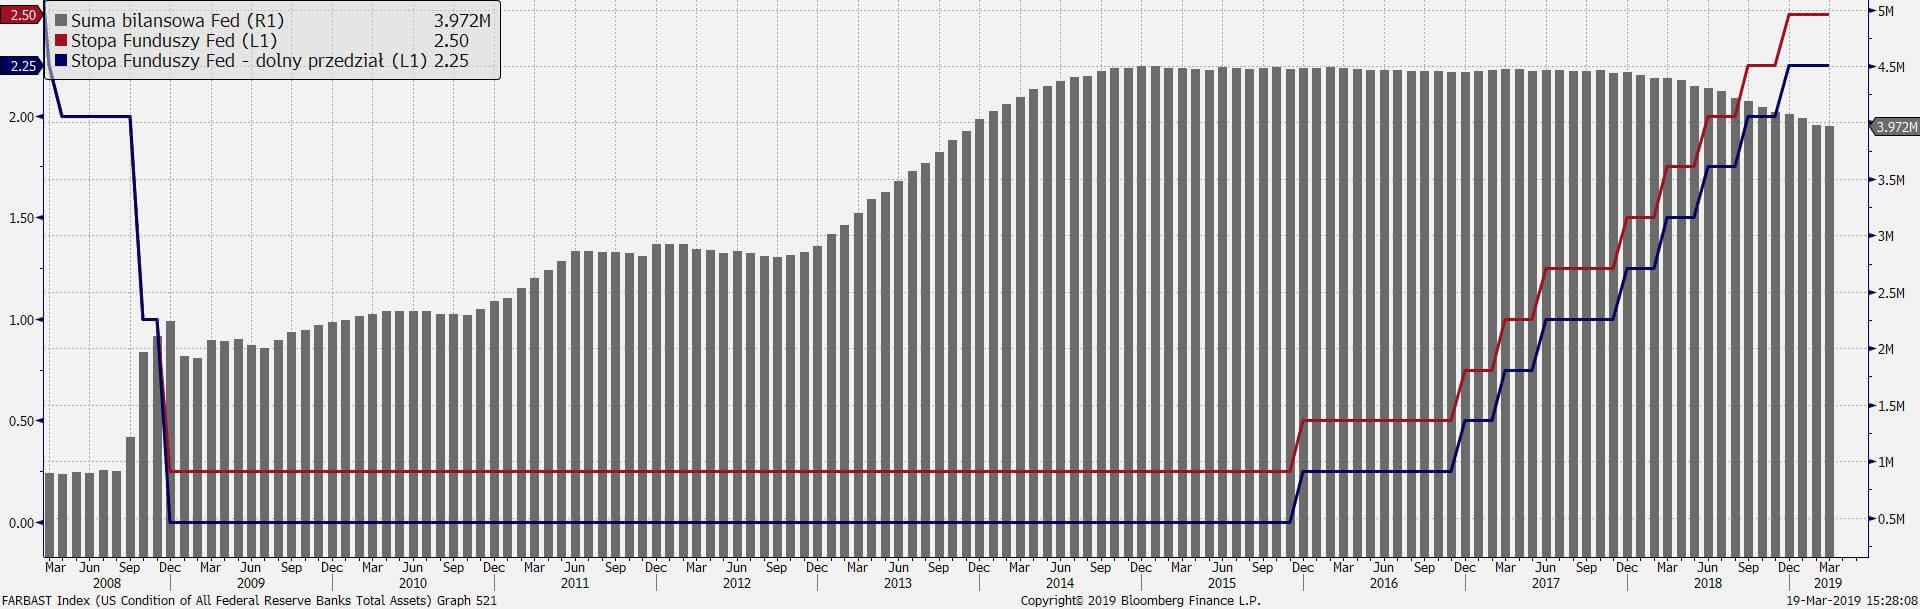 Parametry polityki Fed: suma bilansowa i poziom stóp